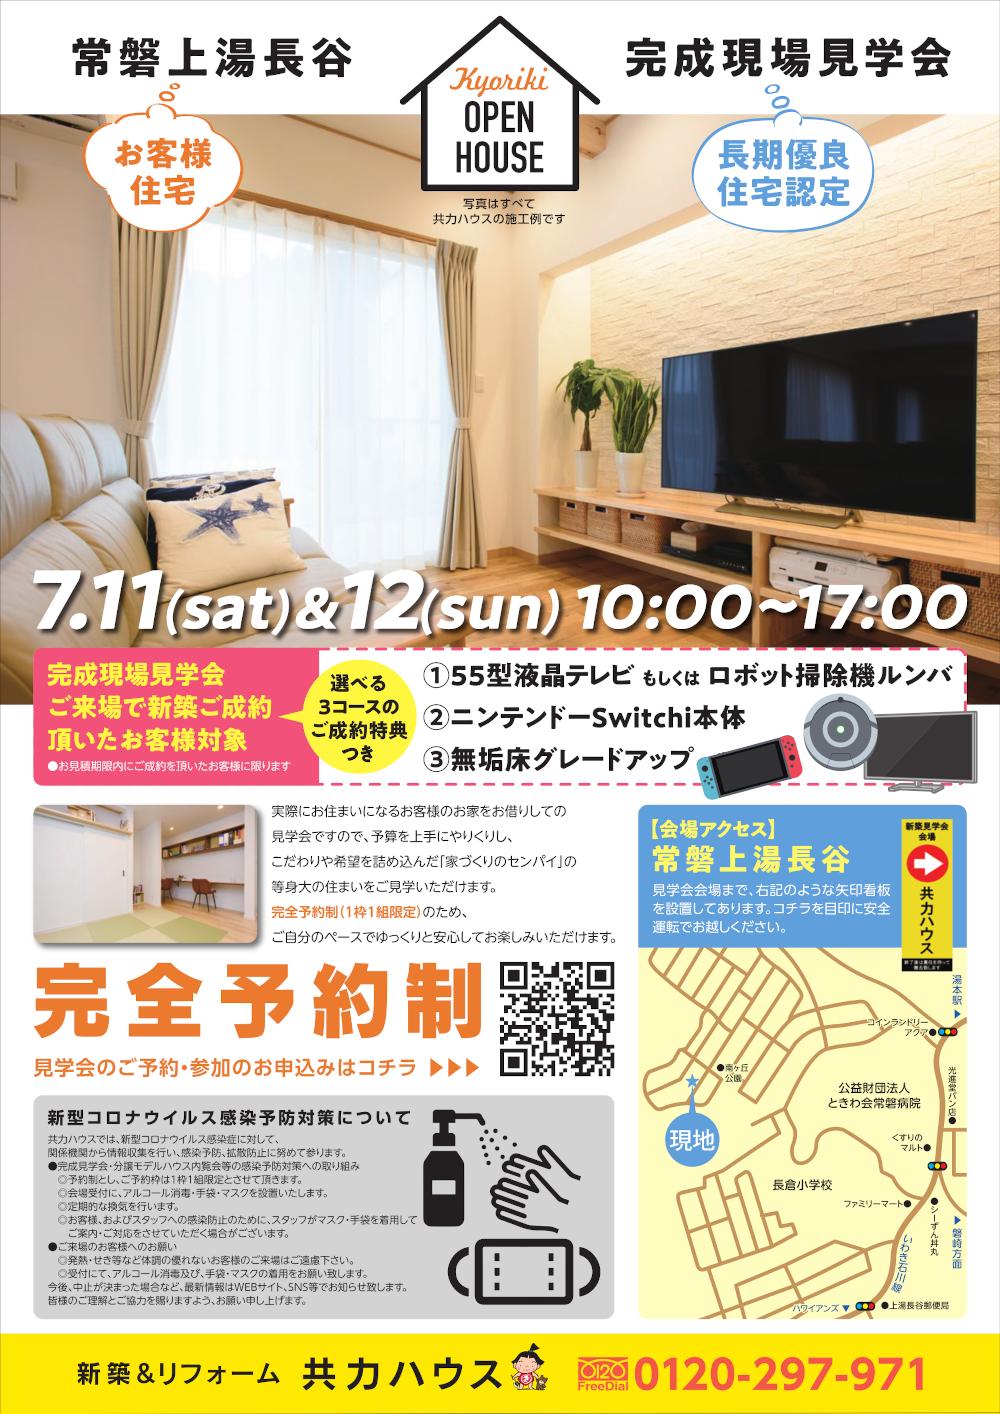 【予約制】7/11(土)12(日)完成見学会/常磐上湯長谷町